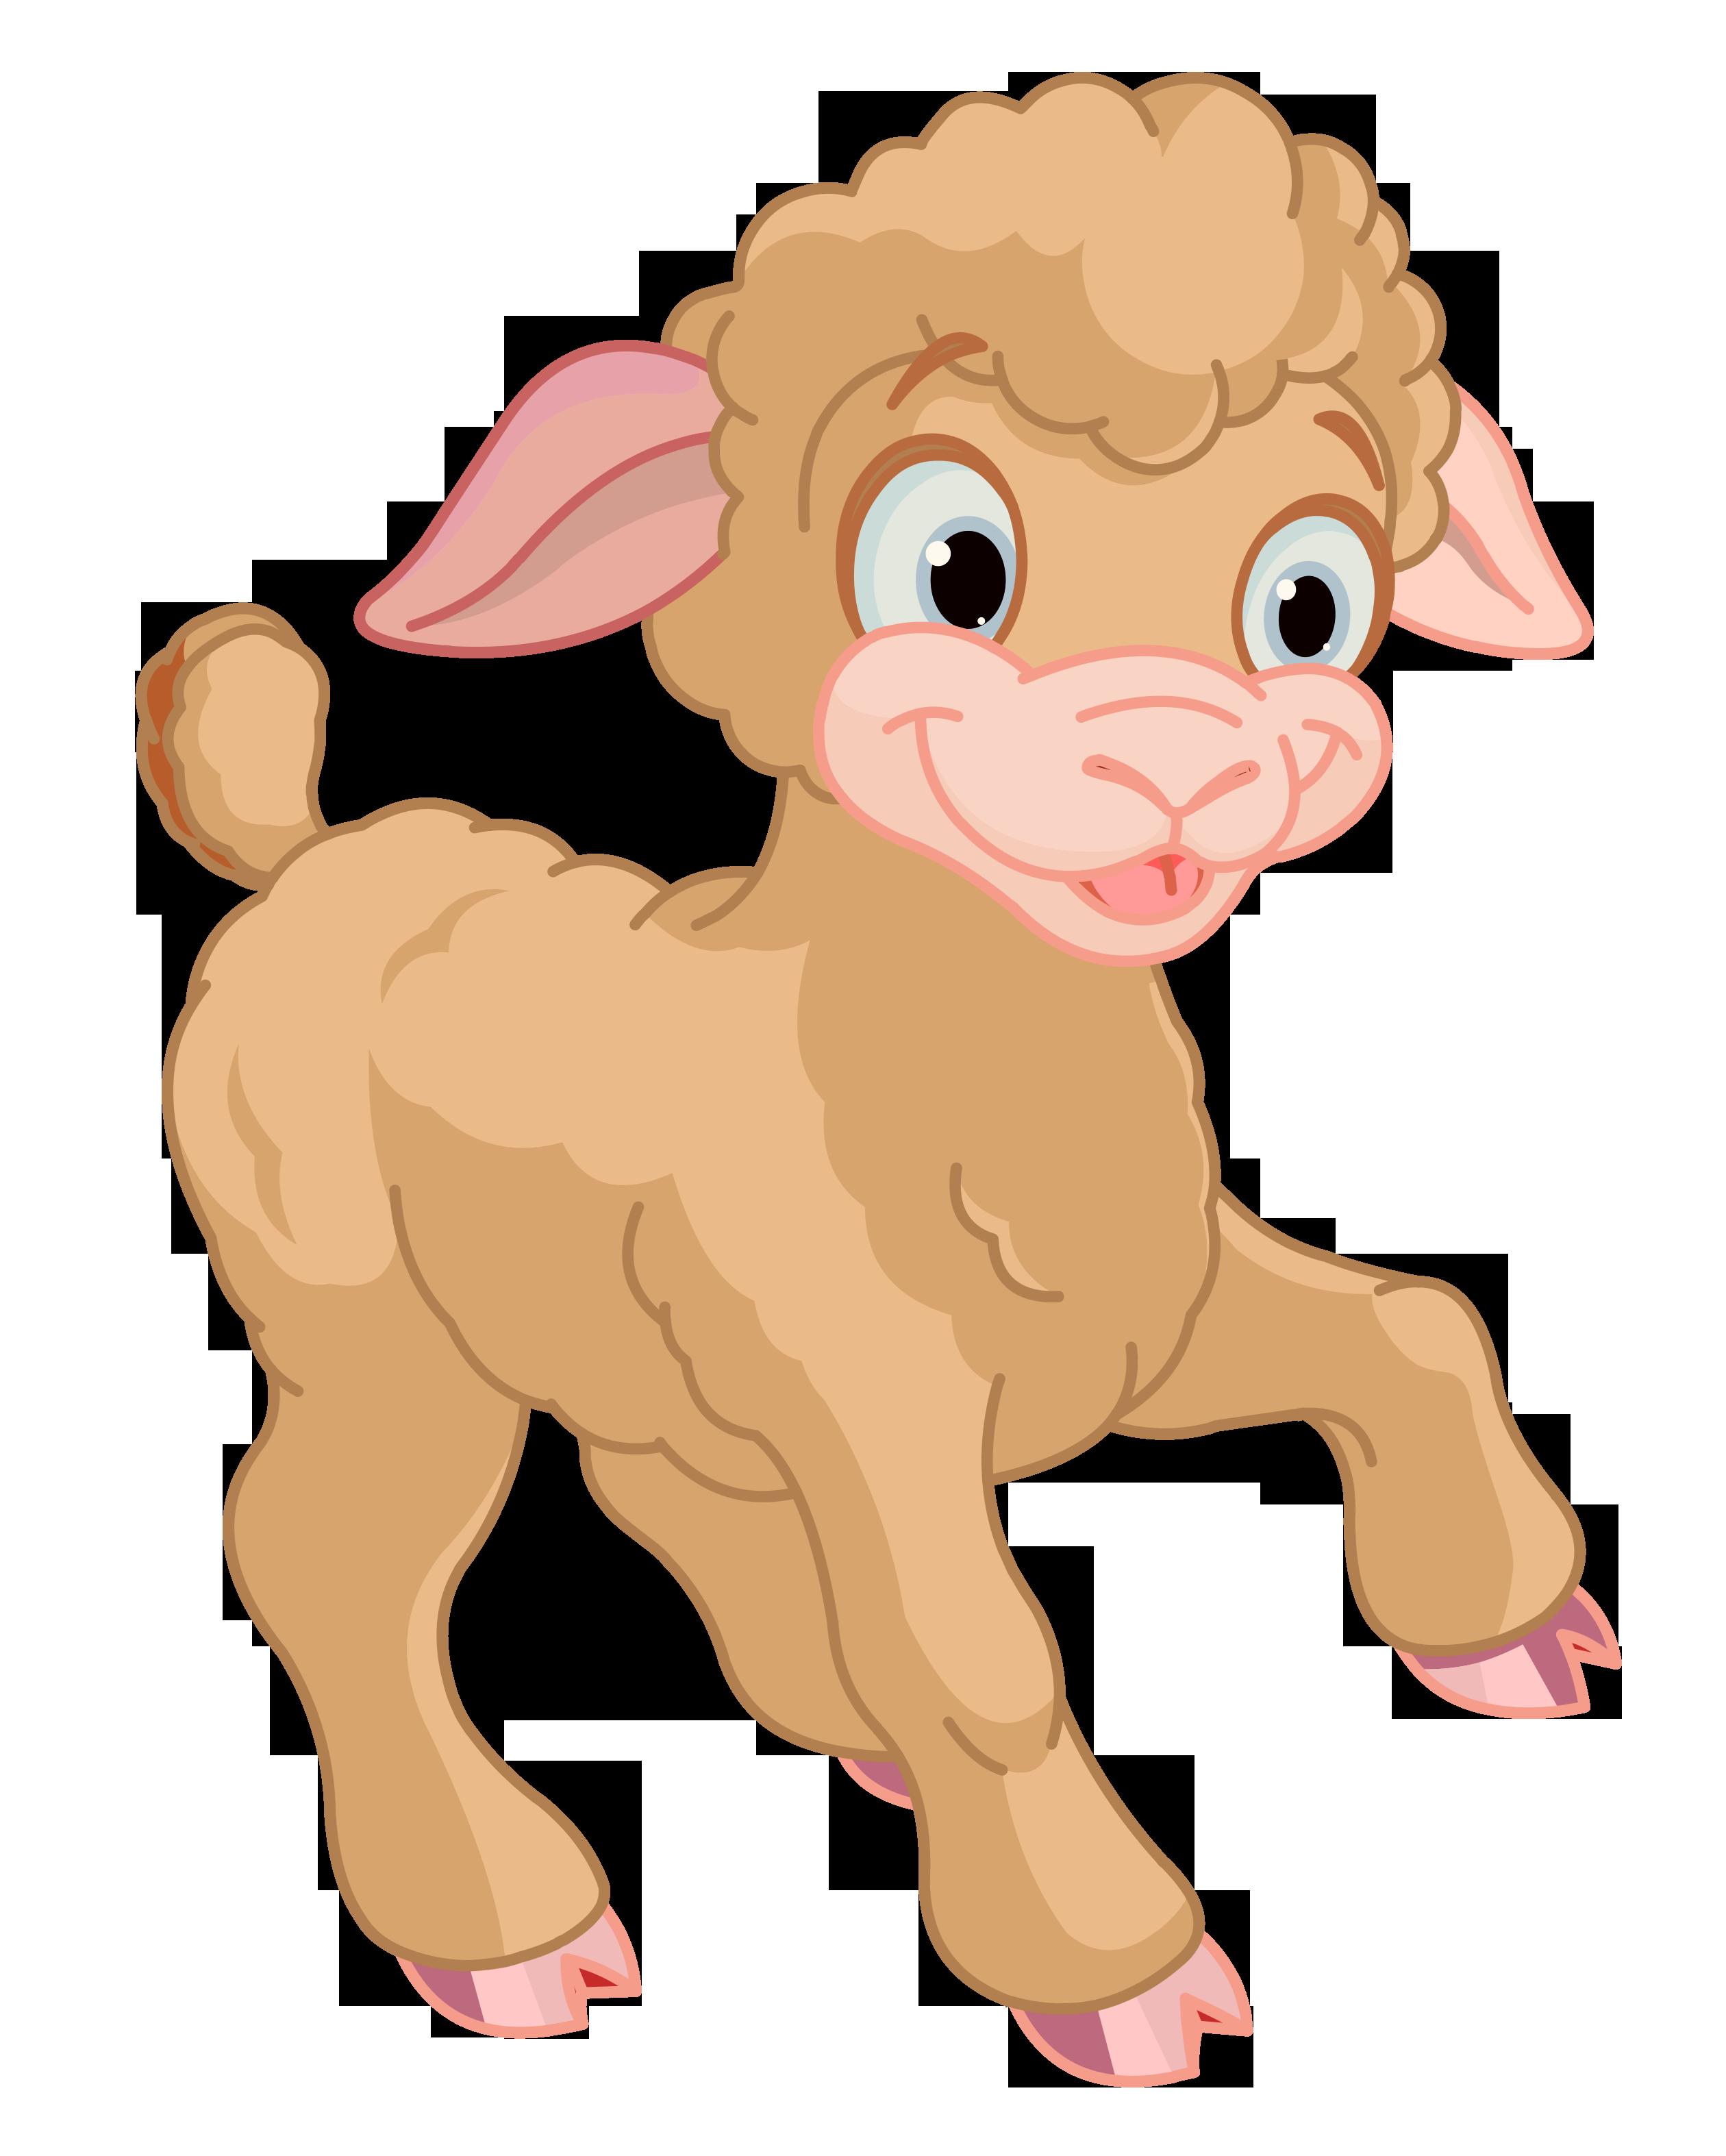 Lamb chop lambchop cartoon. Ham clipart chopped